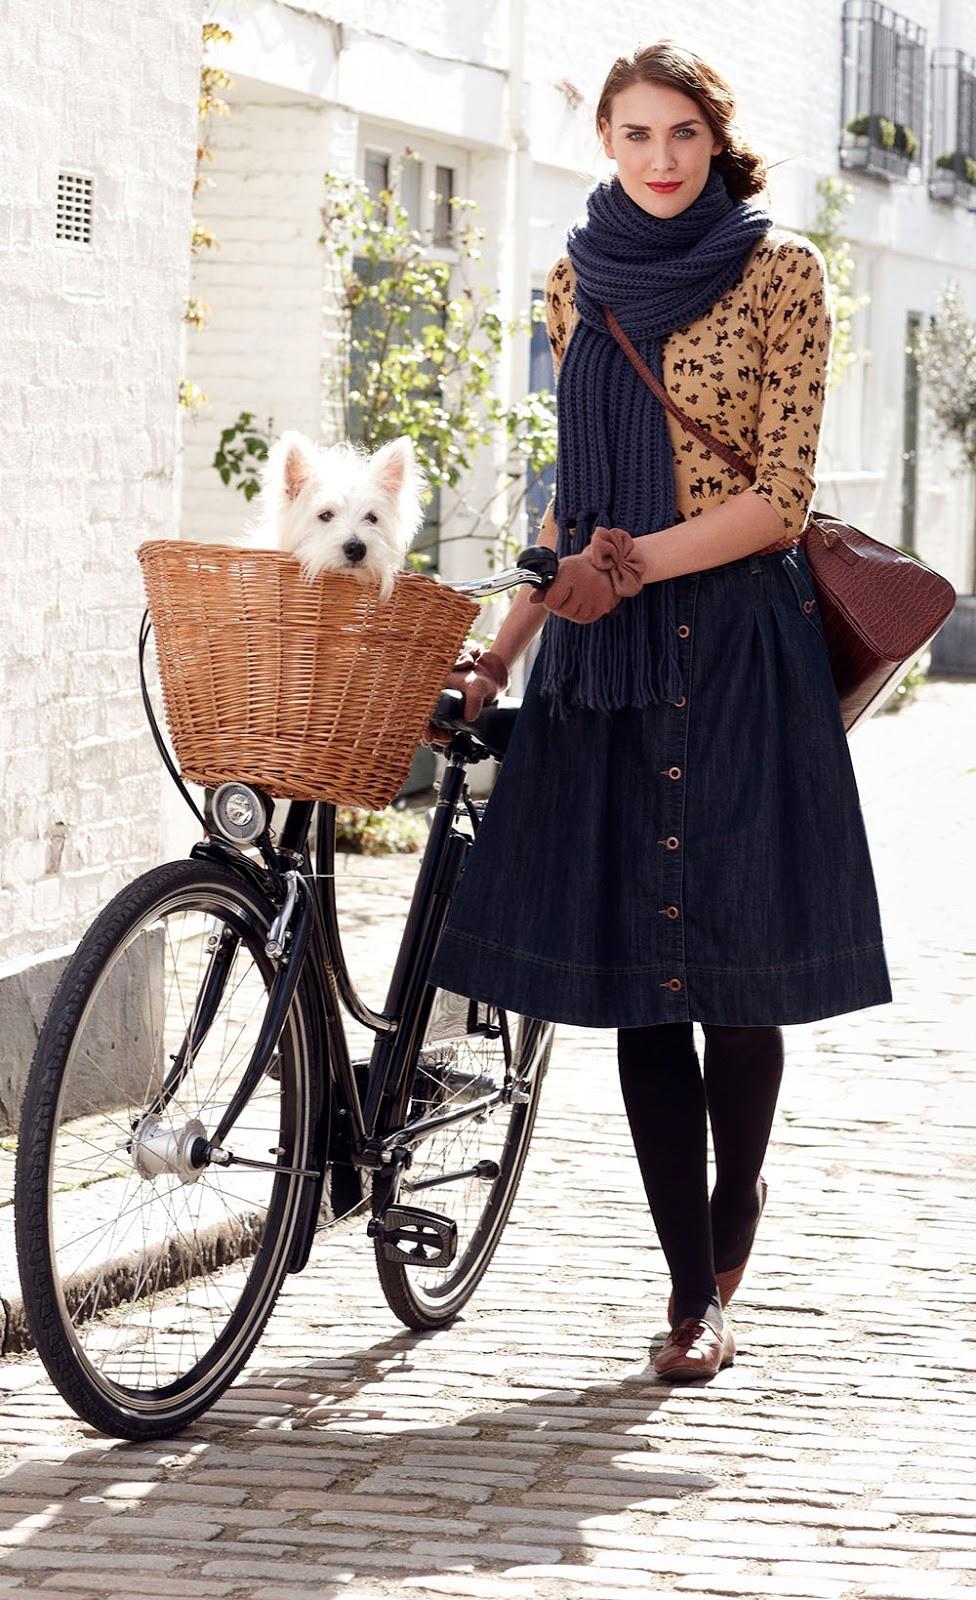 bicicletta stile retro